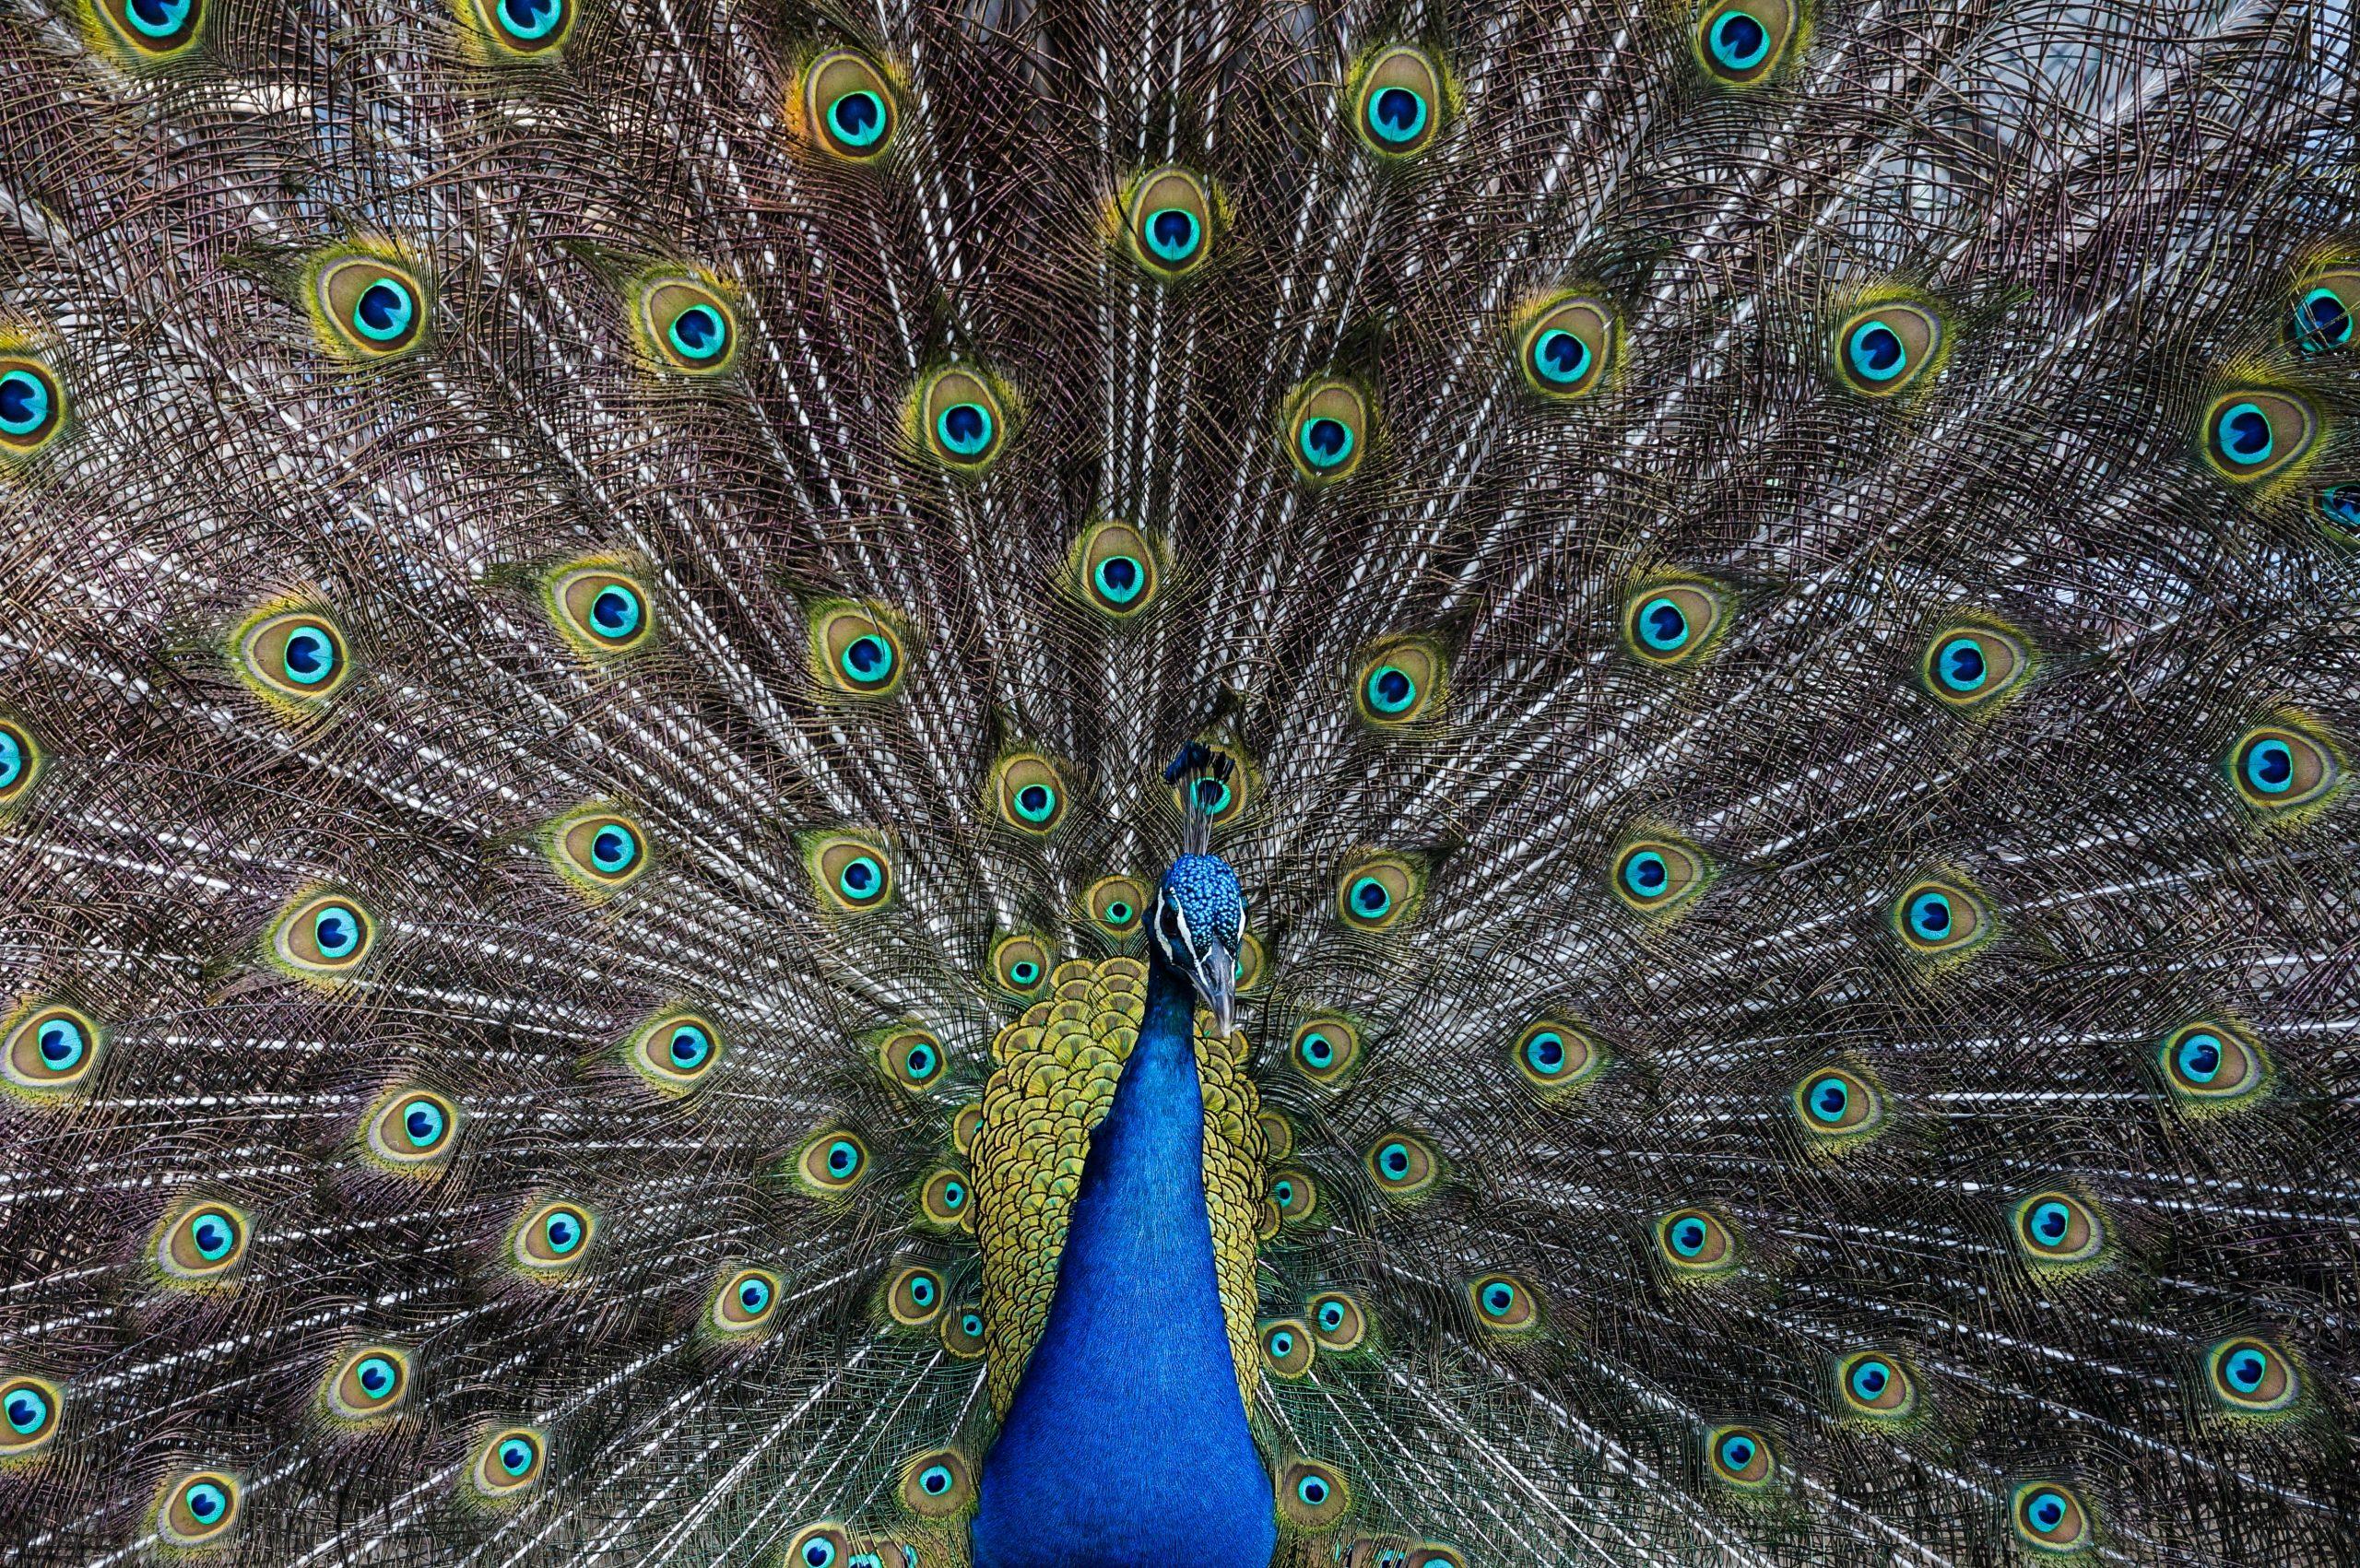 wallpaper Peacock Plumage